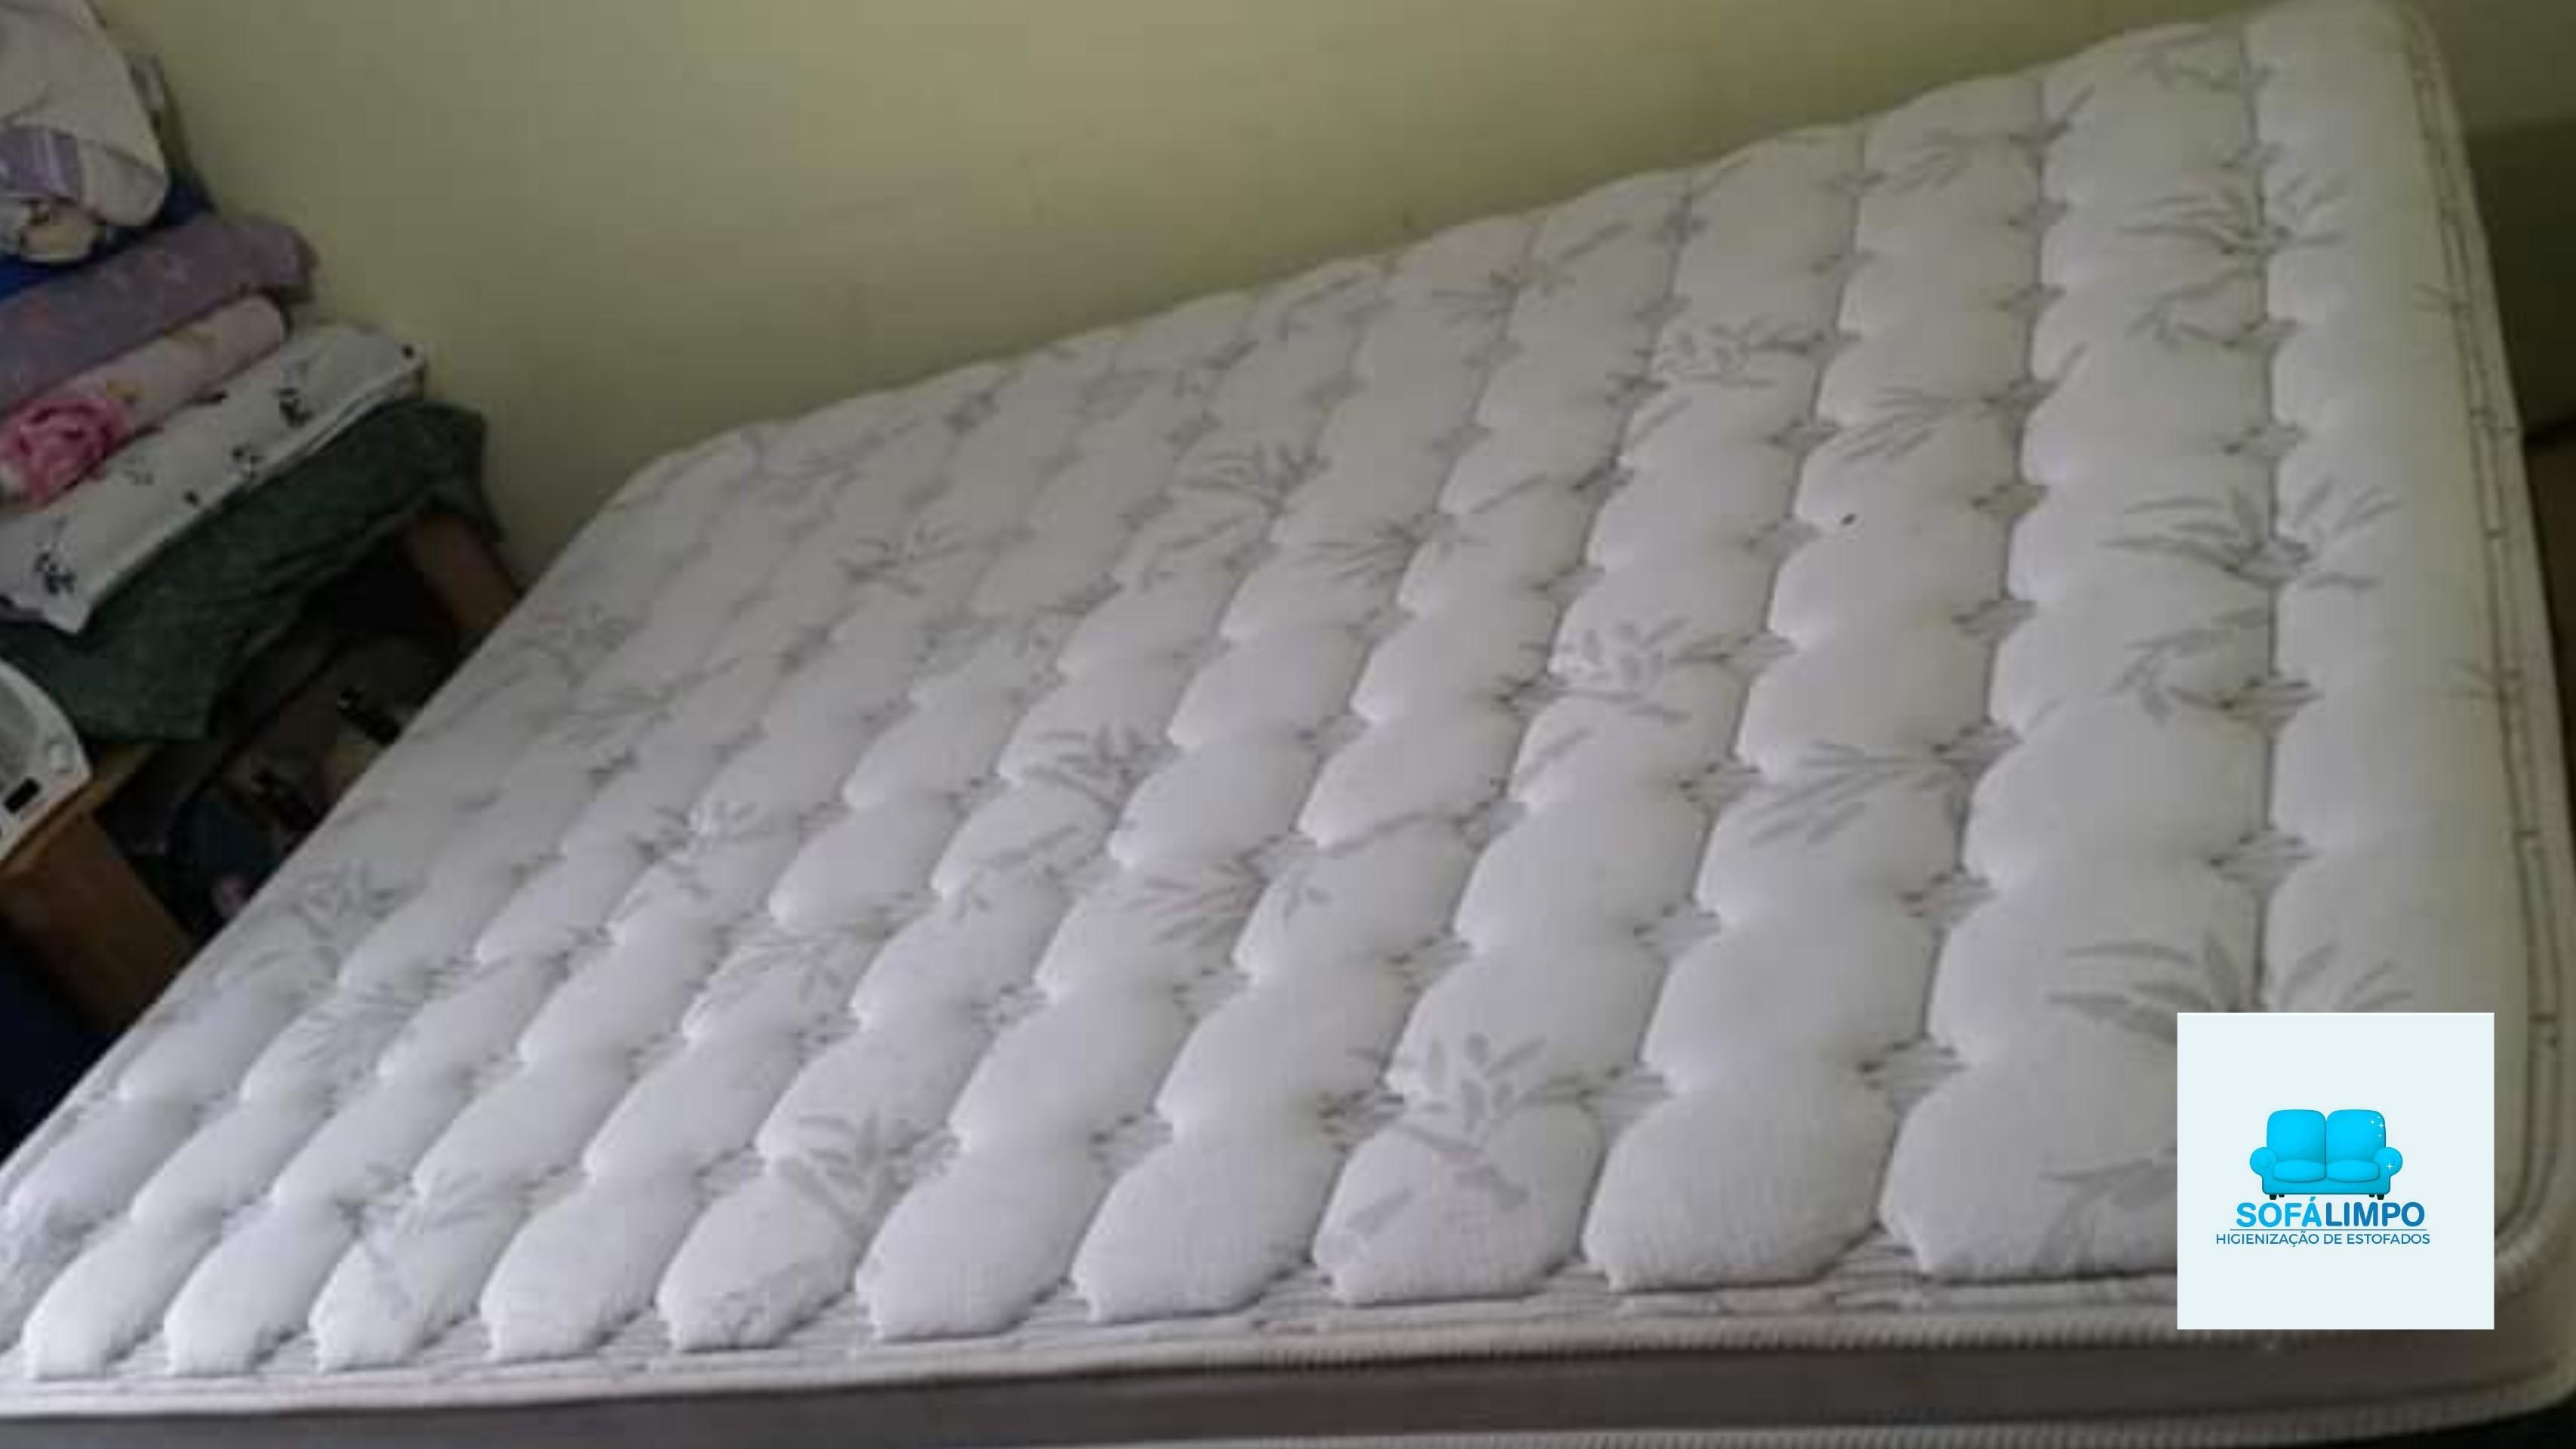 Limçeza Limpeza e impermeabilização de estofados